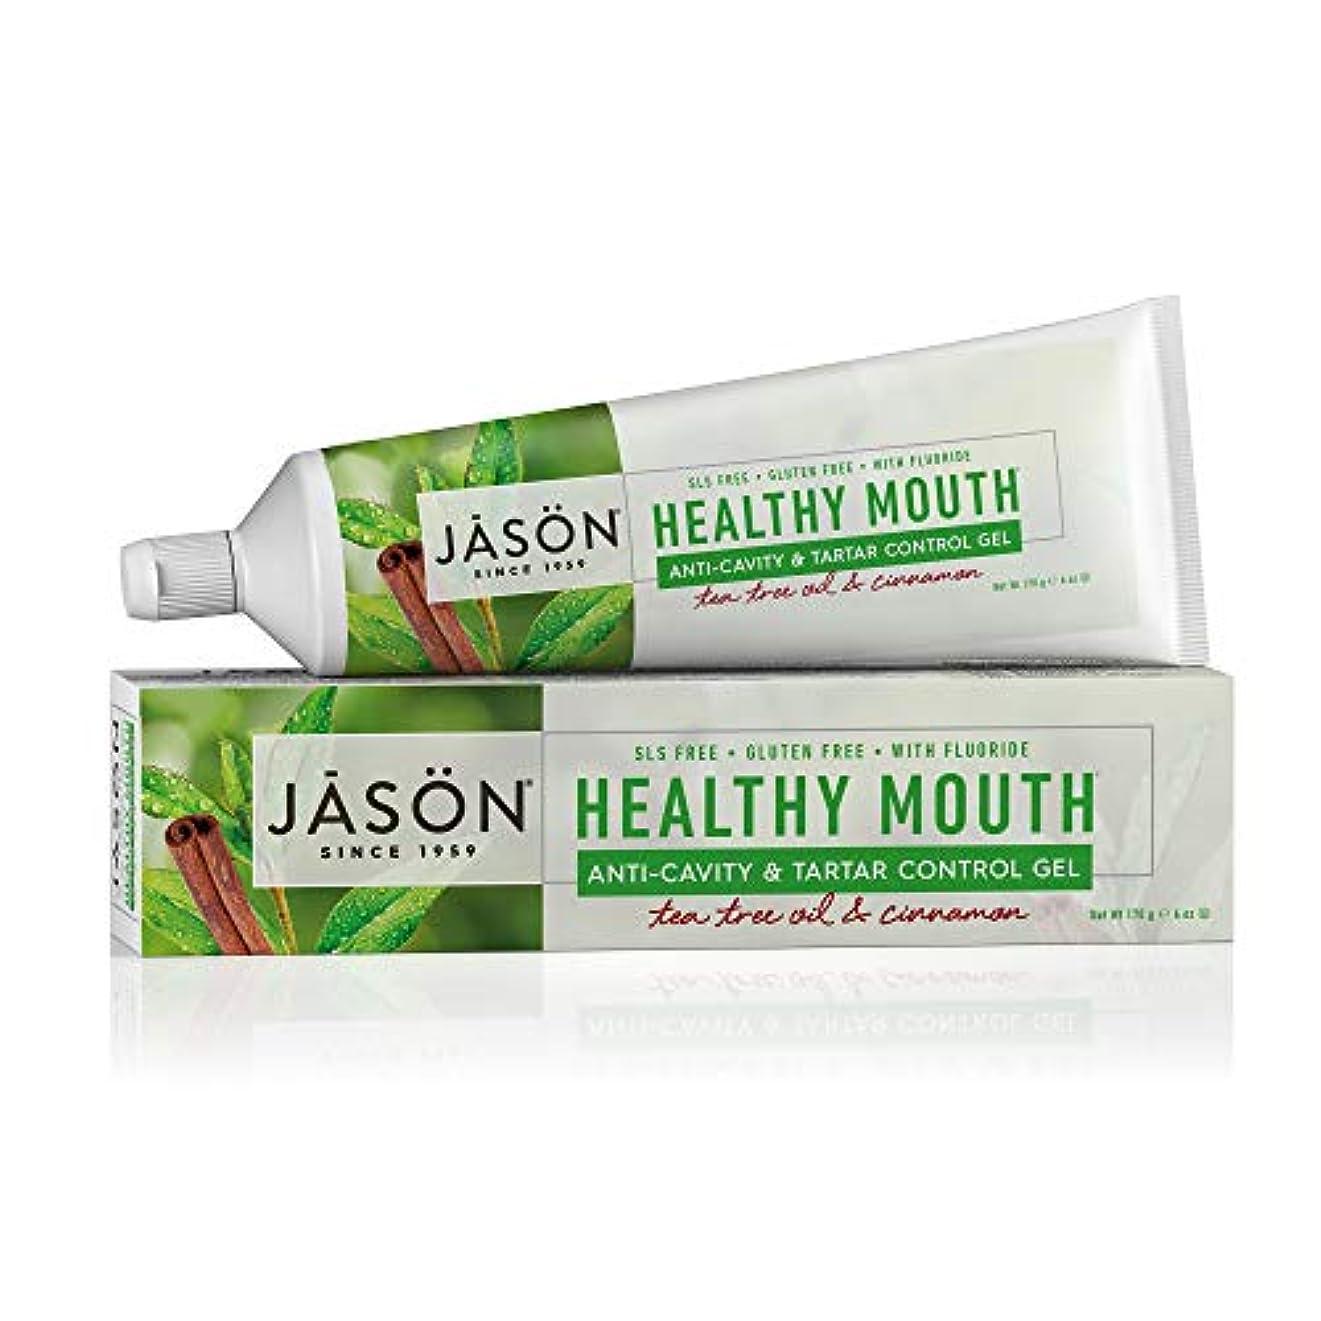 究極の放射能結晶Jason 健康な口抗歯垢&タルタルコントロールハミガキティーツリーオイル&シナモン、6オンス